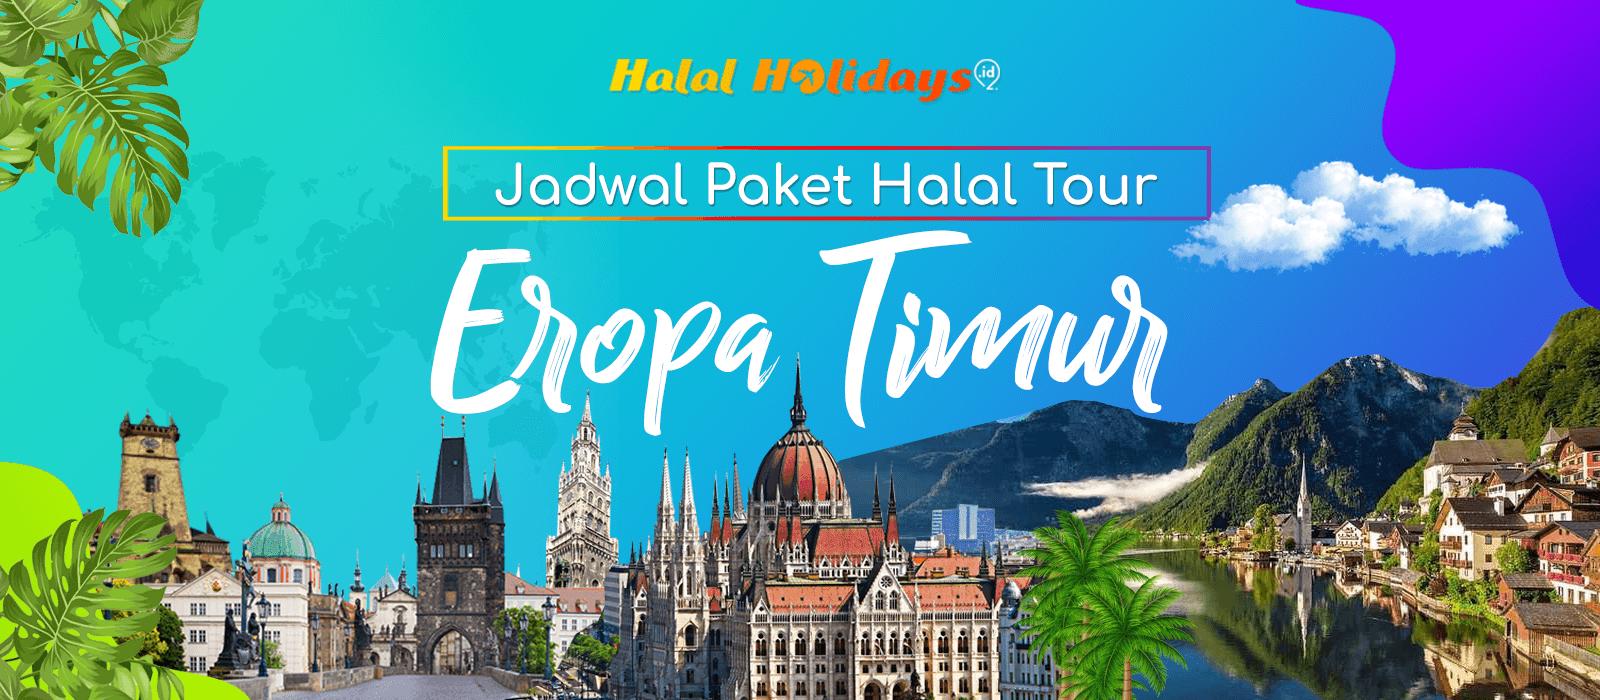 Paket Wisata Halal Tour Eropa Timur Murah Tahun 2020